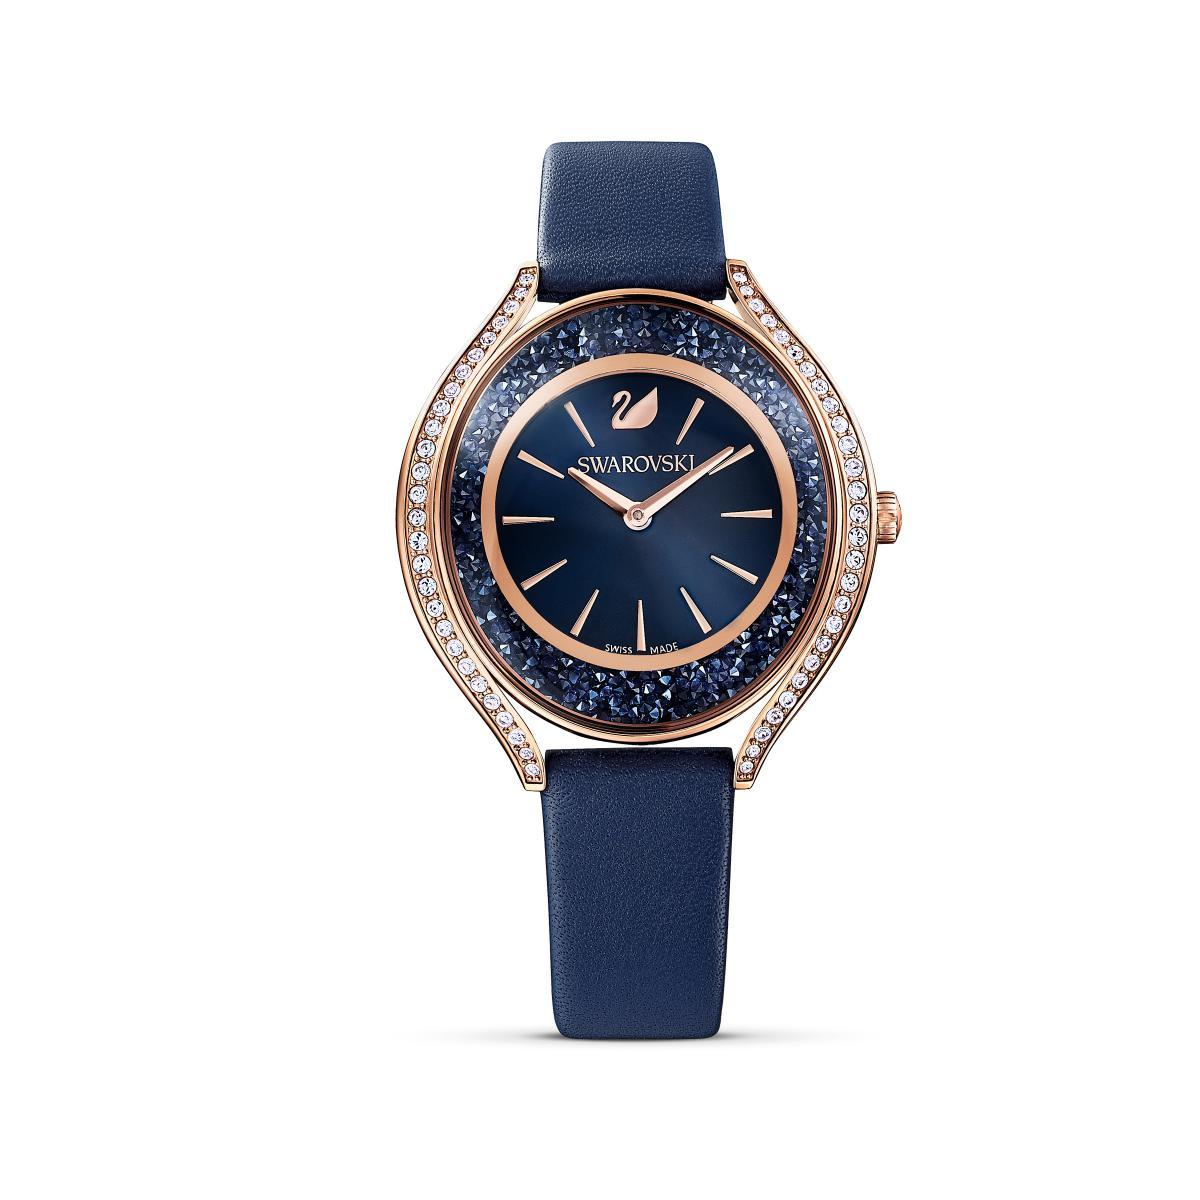 MONTRES 5519447 - CRYSTALLINE AURA - Swarovski montres - Modalova